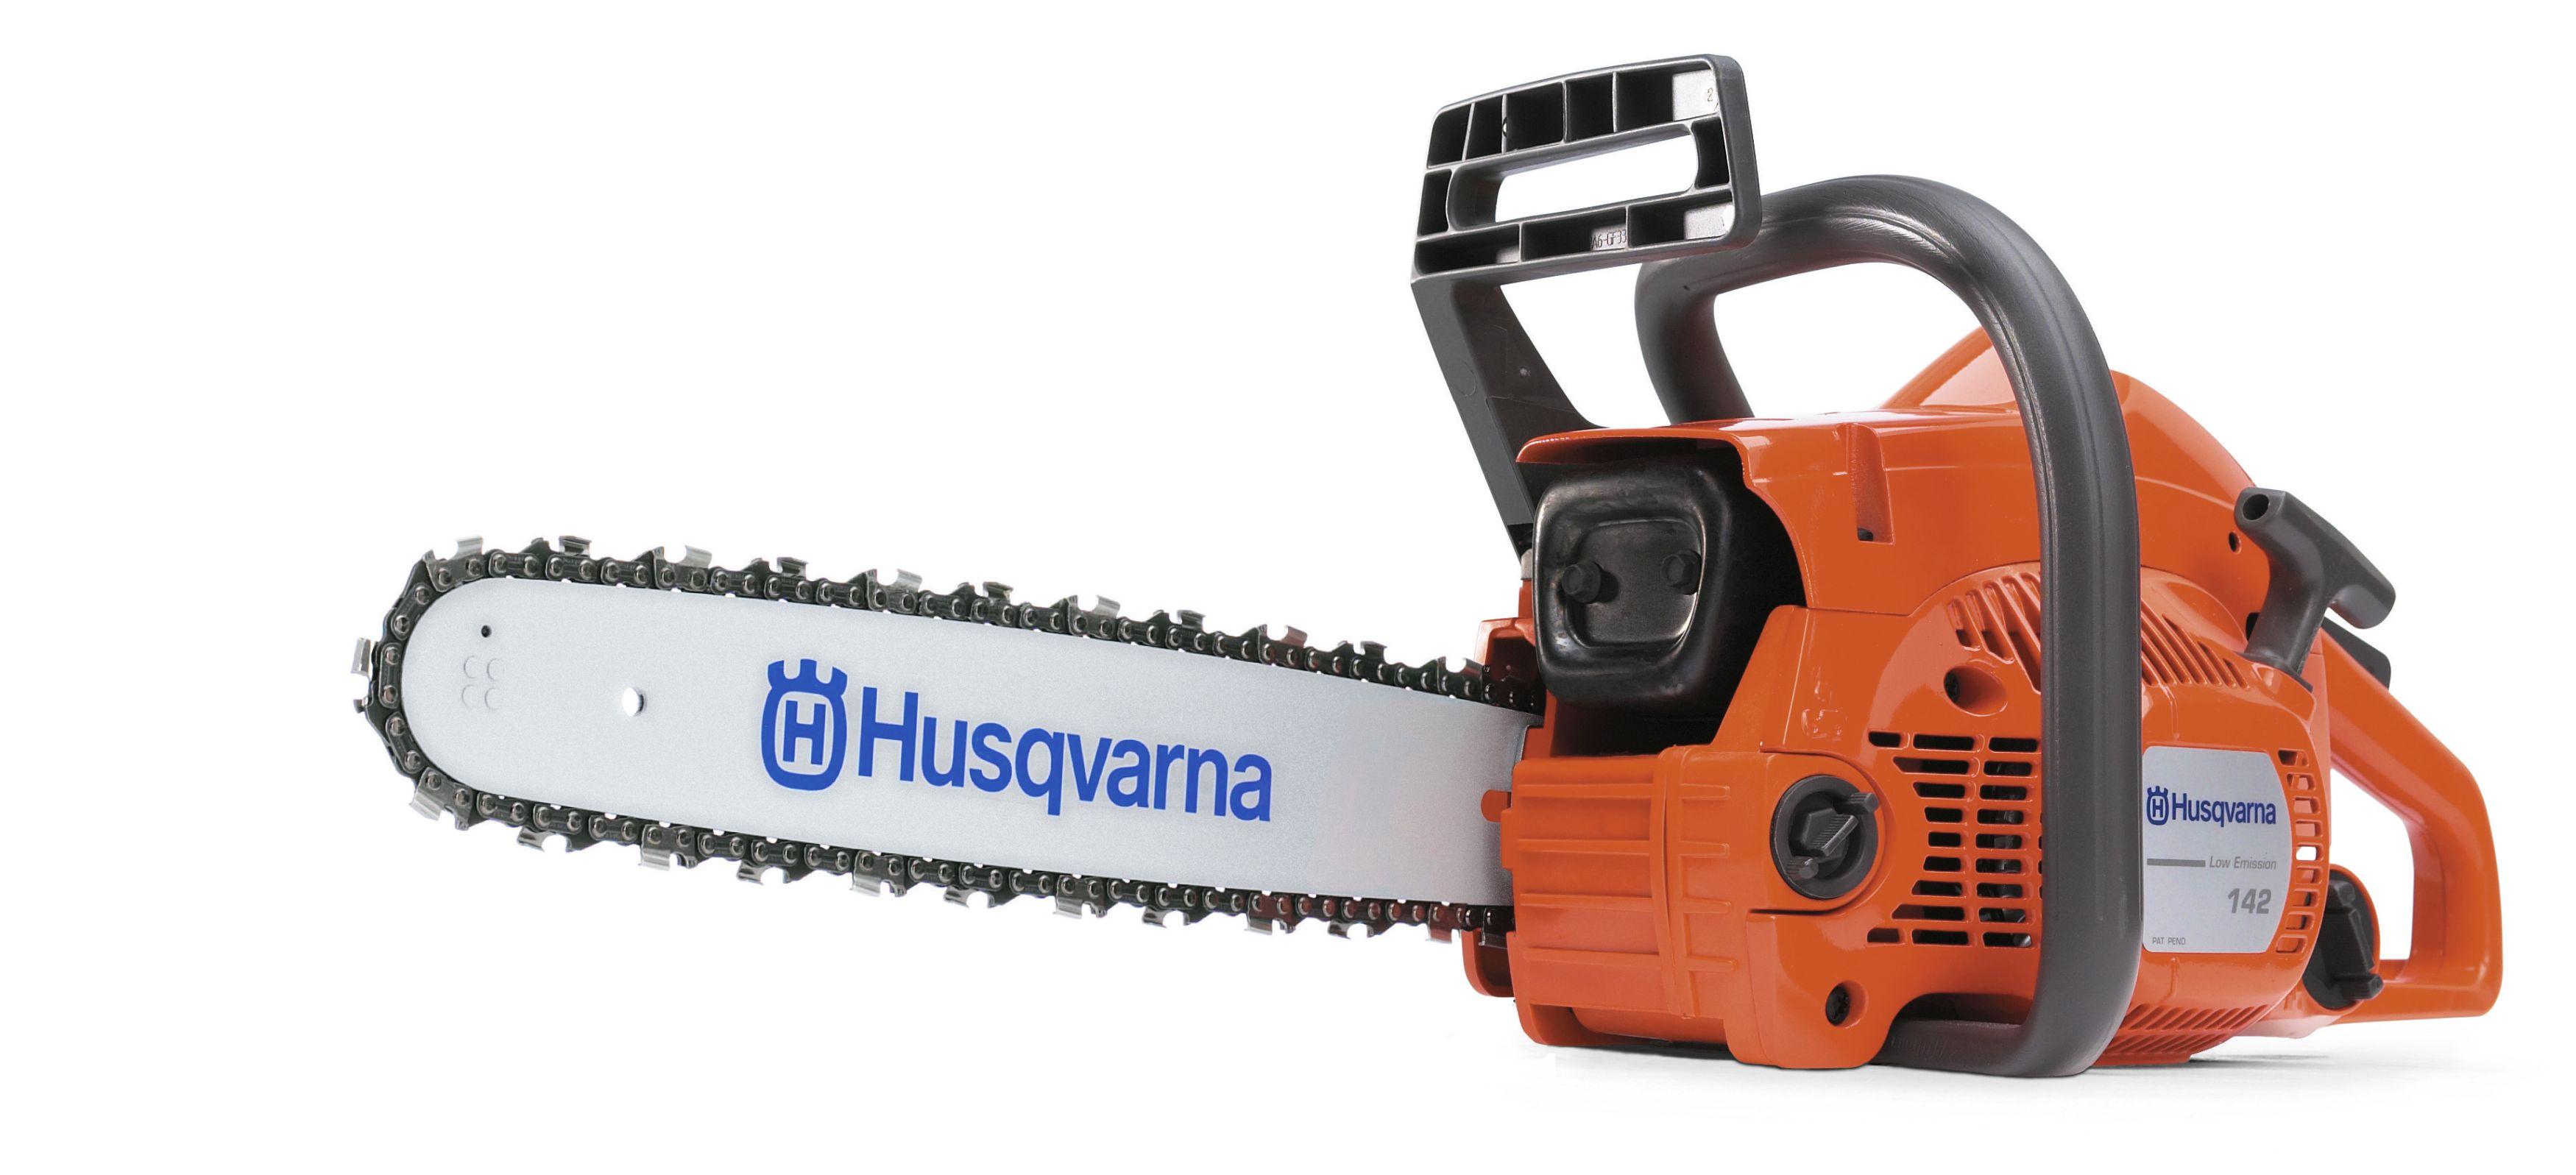 Husqvarna Chainsaw Model 142E/2006-12 Parts